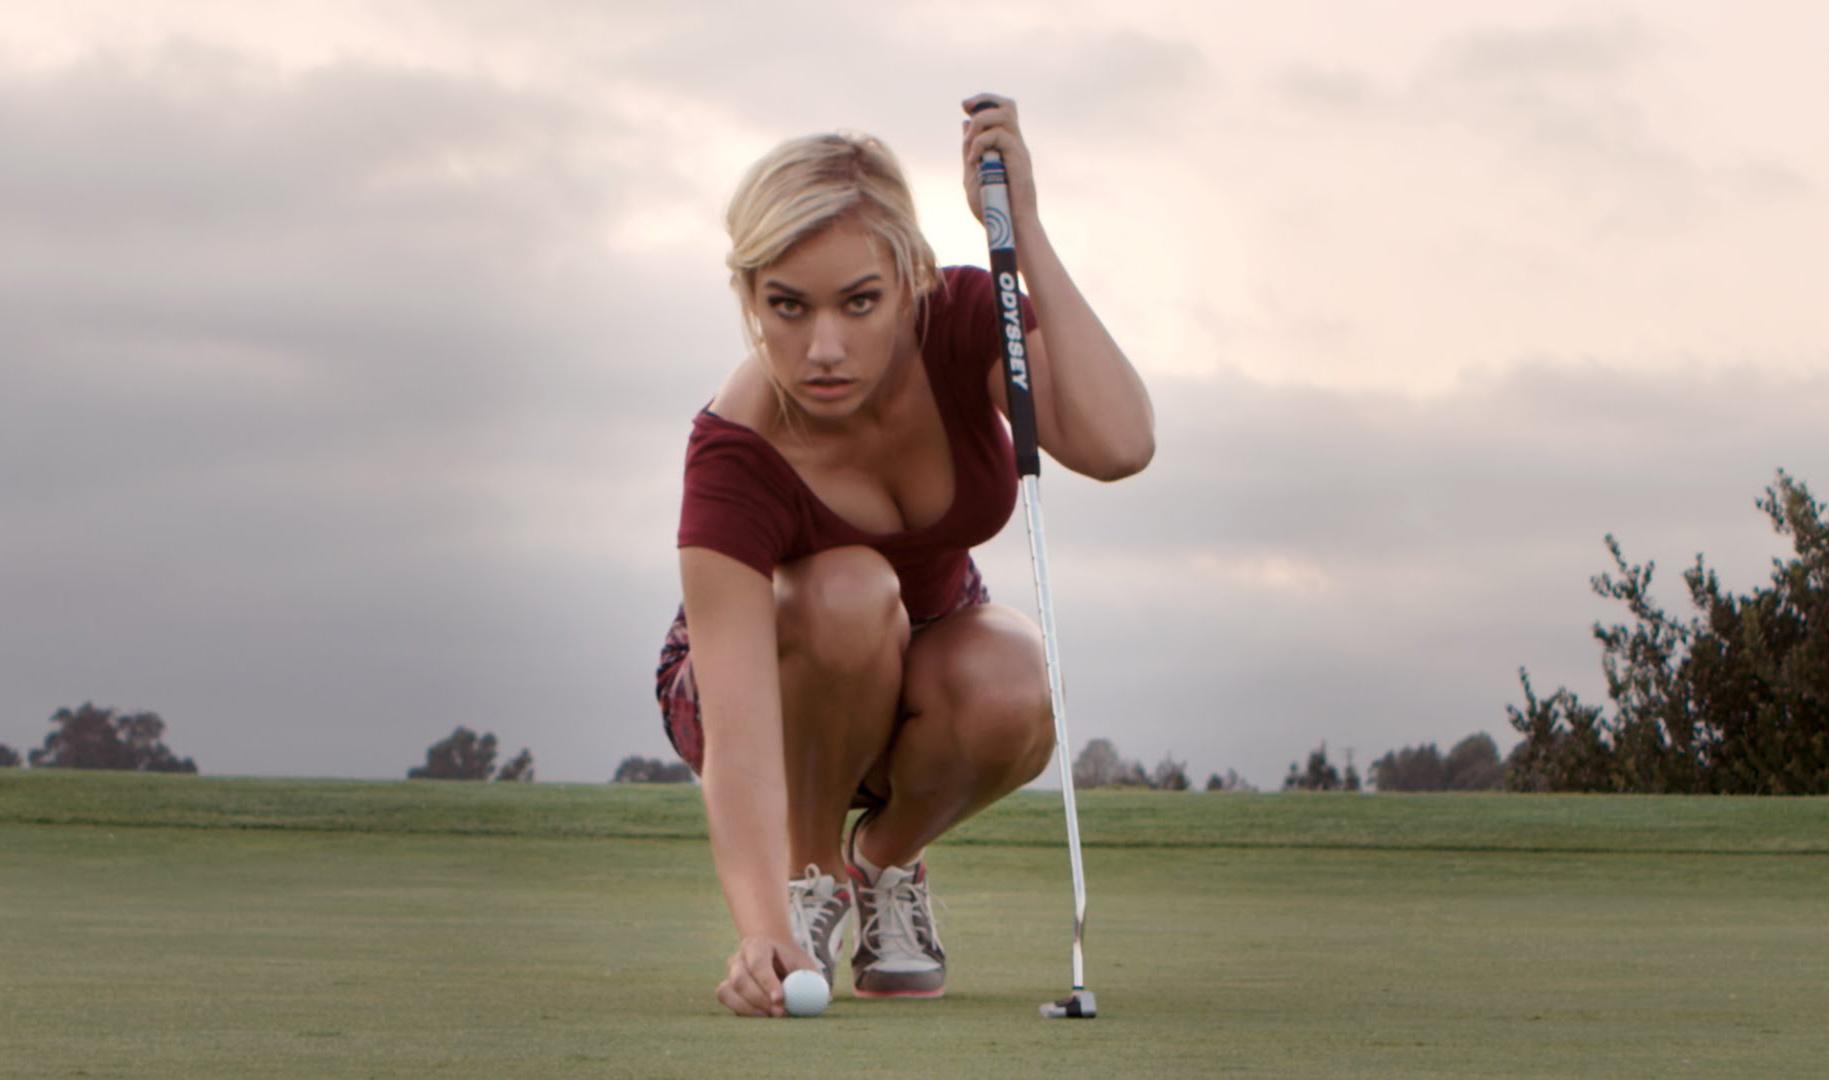 Íme a világ legszemrevalóbb golfoktatója, akivel szívesen gyakorolnád a lyukra gurítást